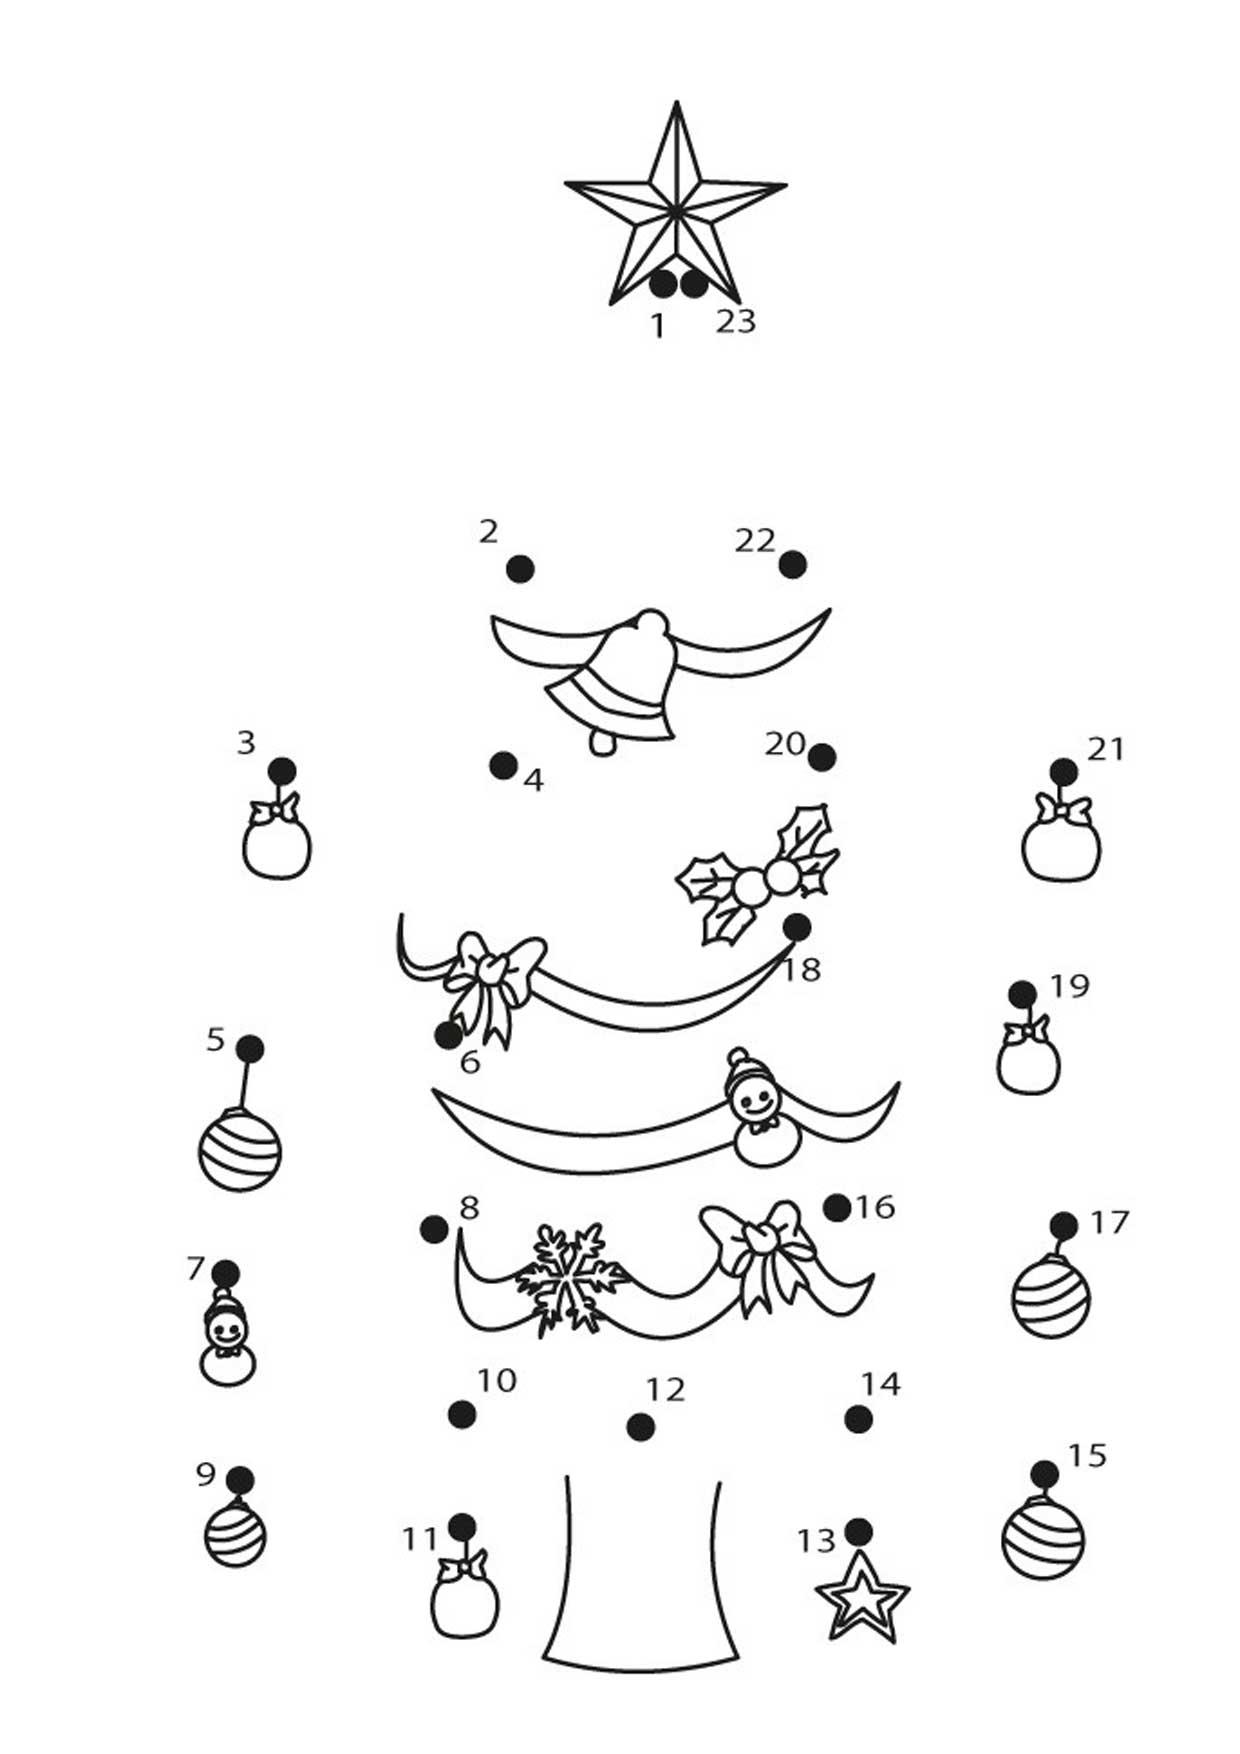 Unisci i puntini albero di Natale 1-23